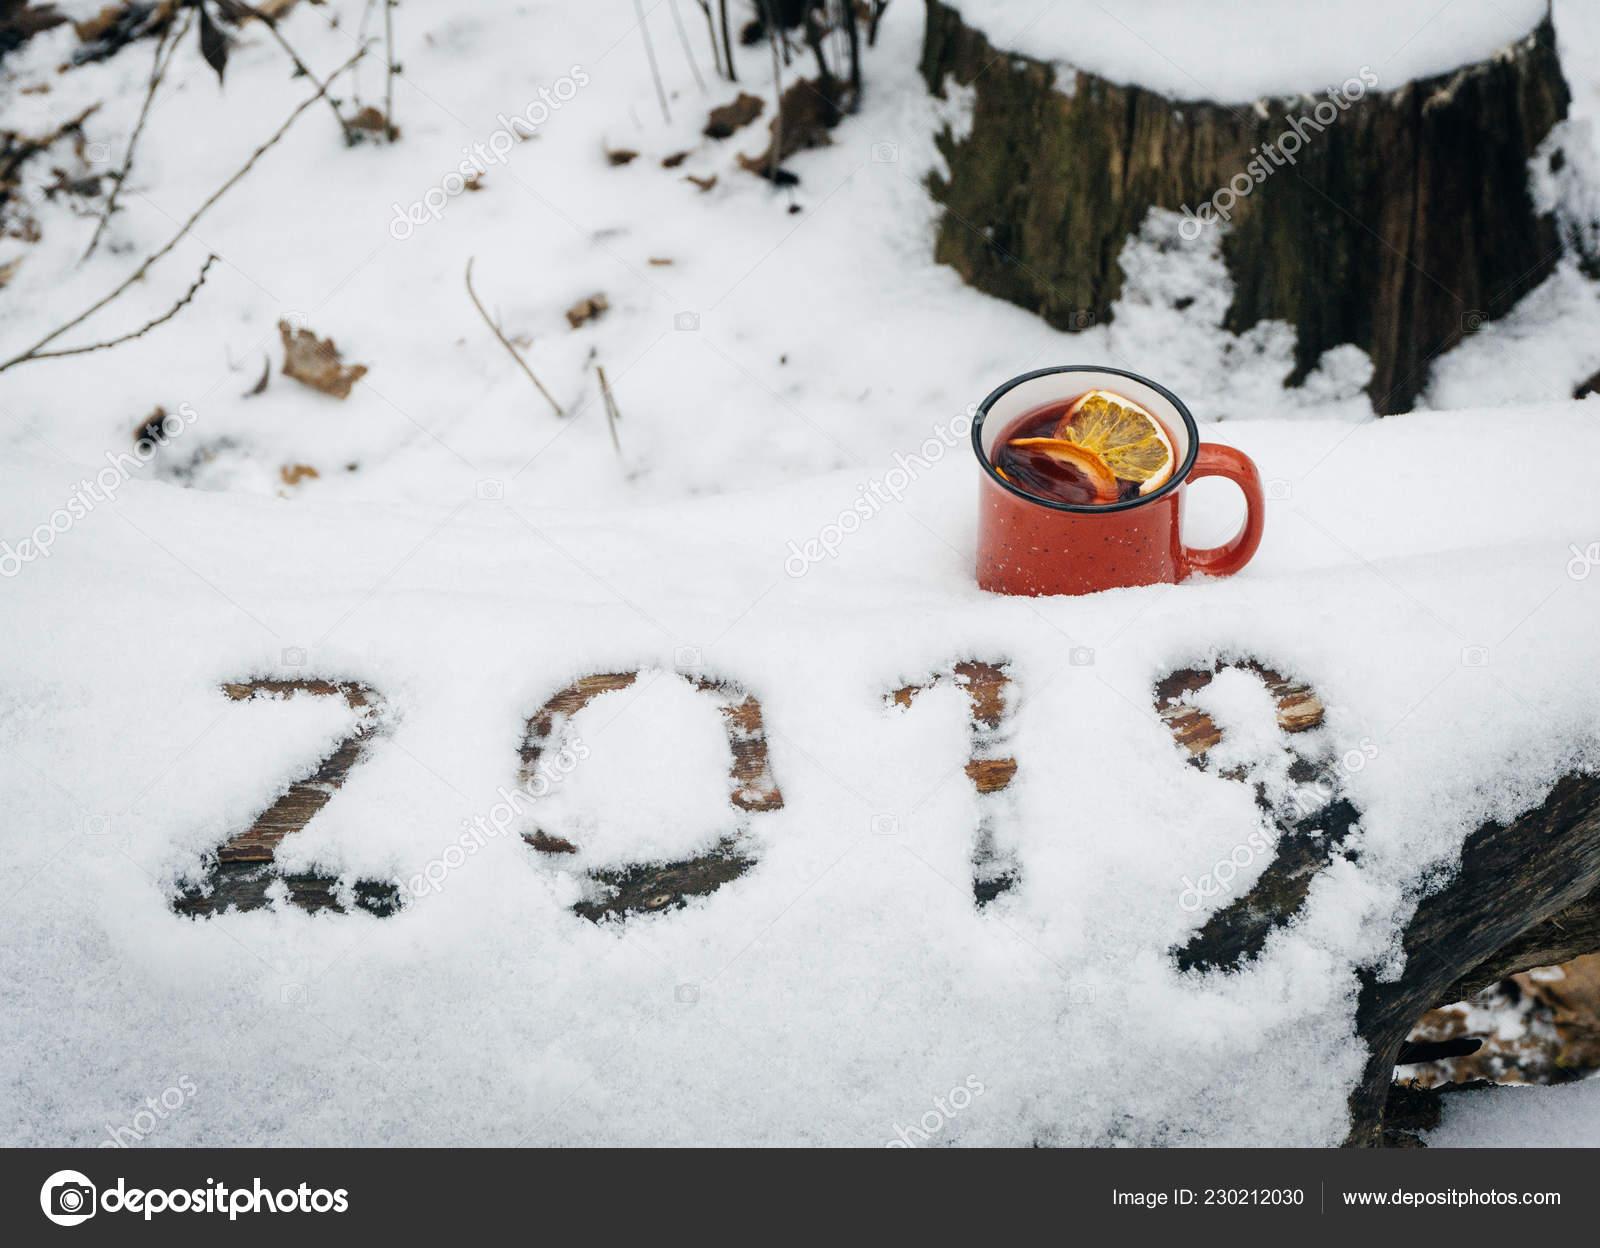 Weihnachten 2019 Schnee.Die Inschrift 2019 Schnee Mit Einer Tasse Glühwein Den Verschneiten